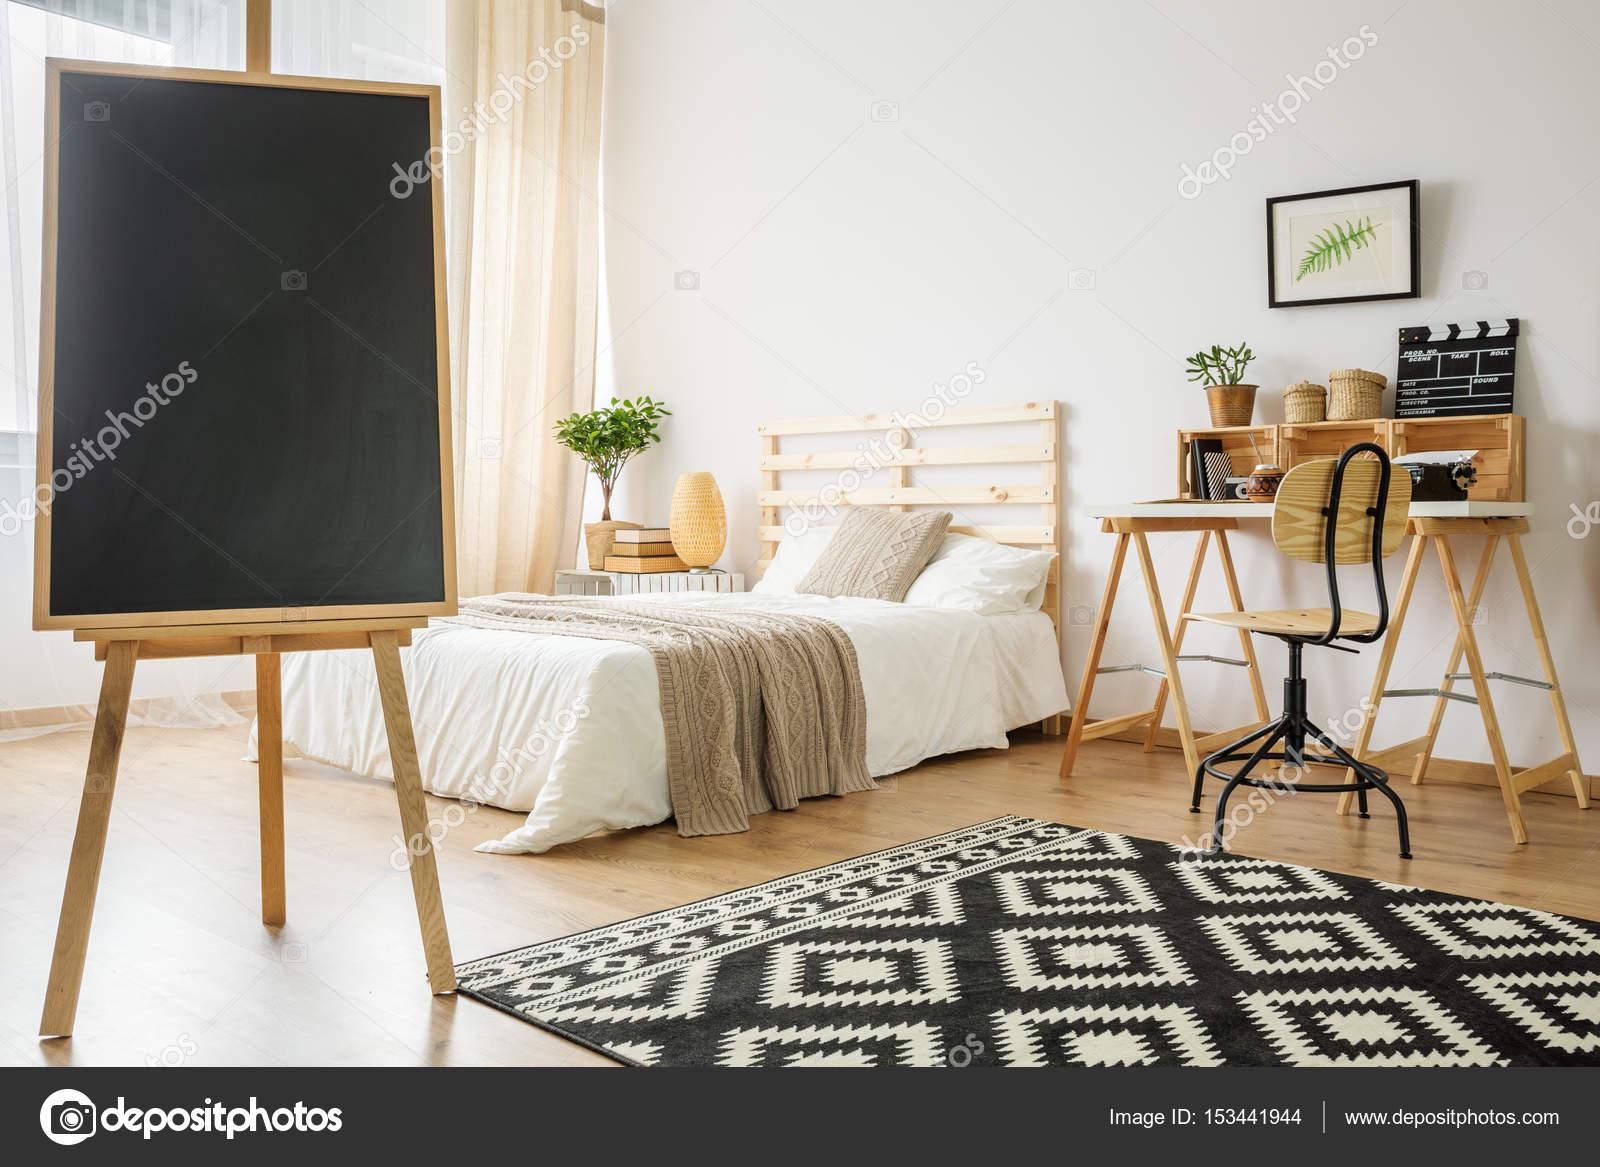 Tableau noir dans la chambre — Photographie photographee.eu © #153441944